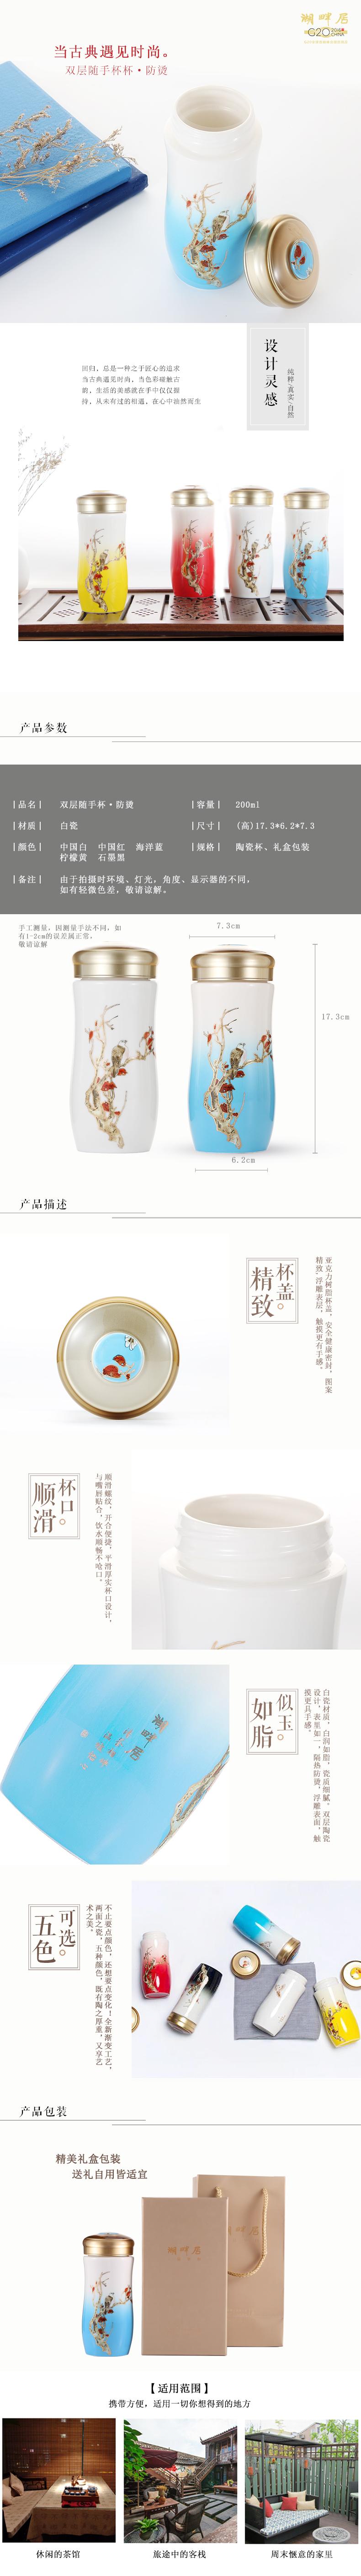 湖畔居 陶瓷茶杯中国风双层陶瓷防烫养生水杯